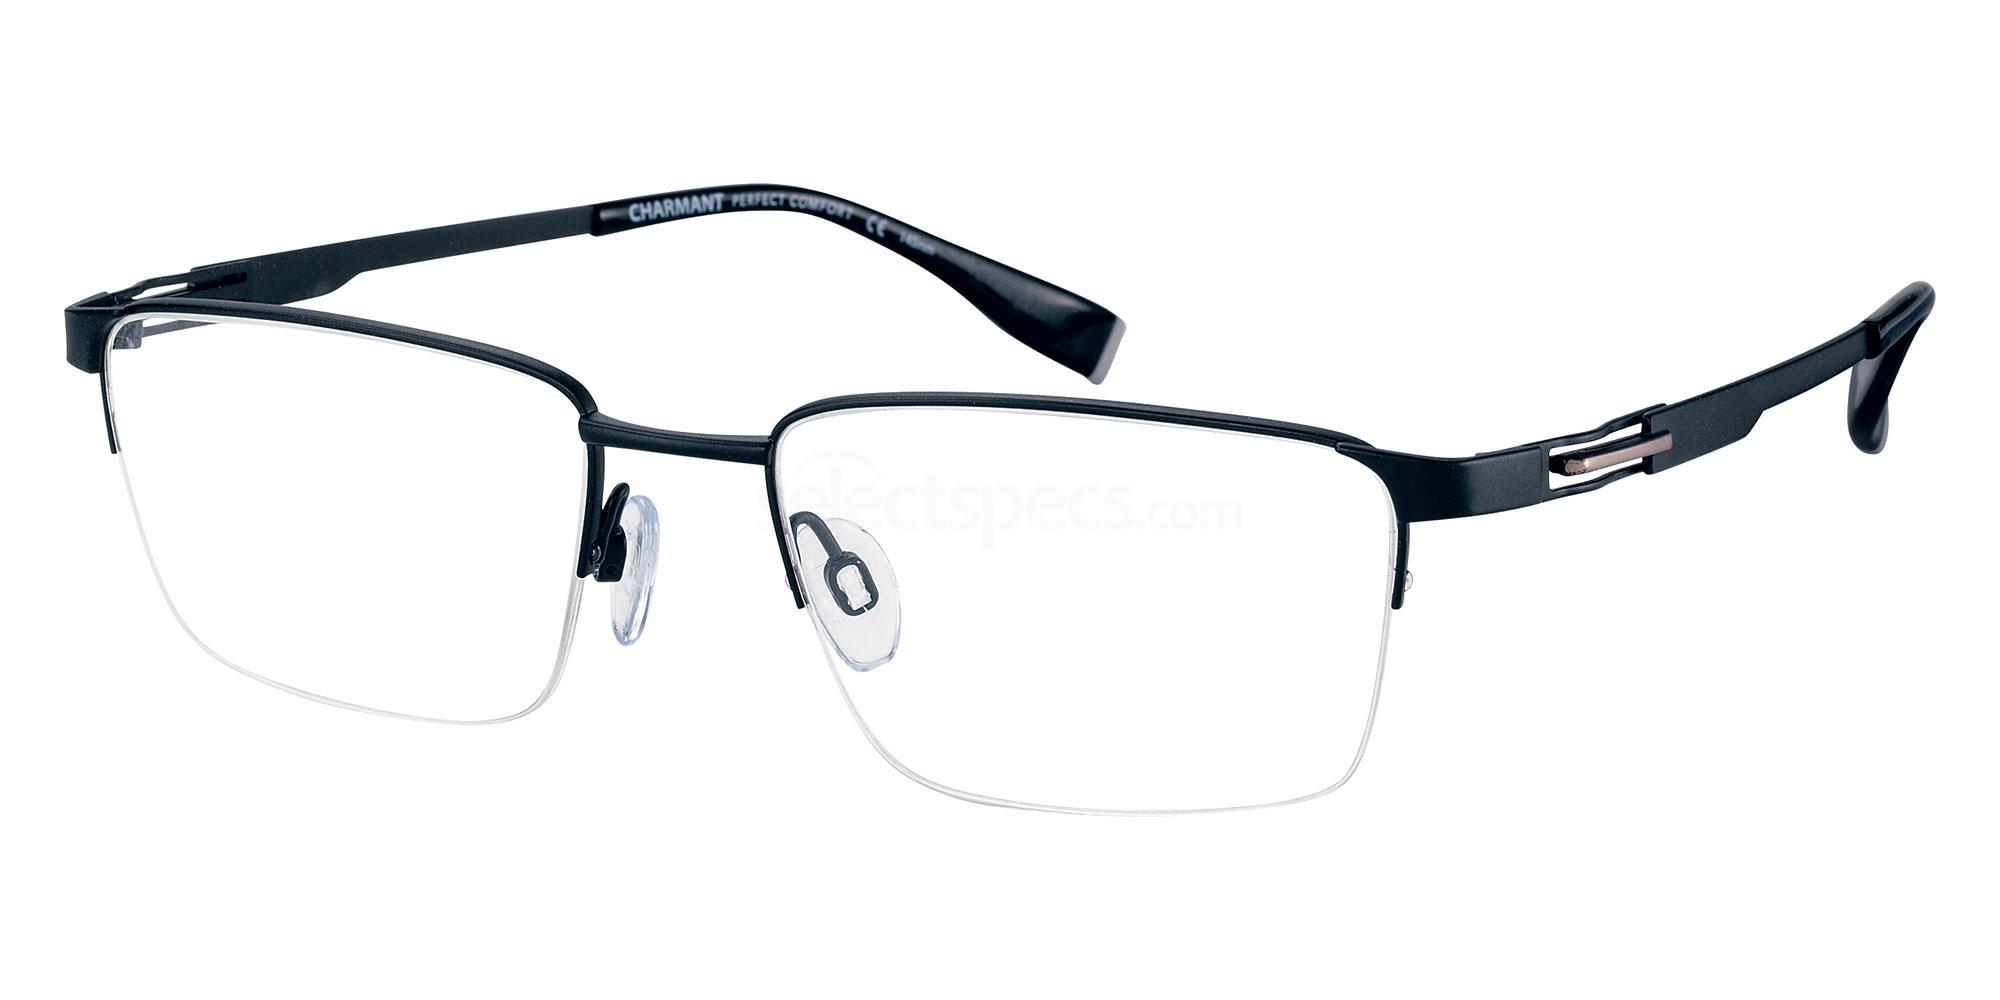 BK CH12341 Glasses, Charmant Perfect Comfort